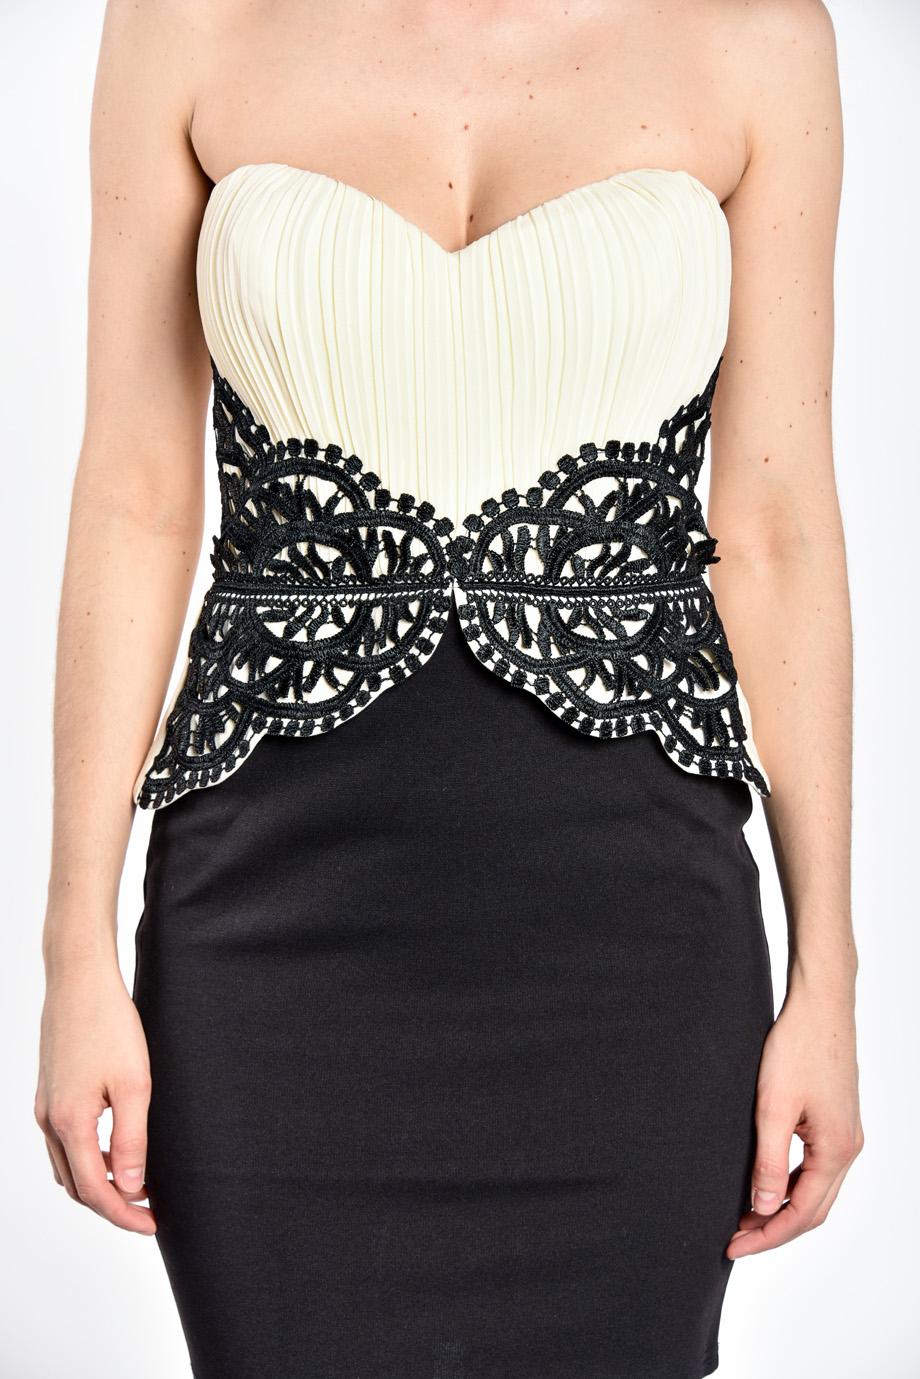 450226dc5687 obrázok 3 LIPSY béžovo-čierne korzetové mini šaty